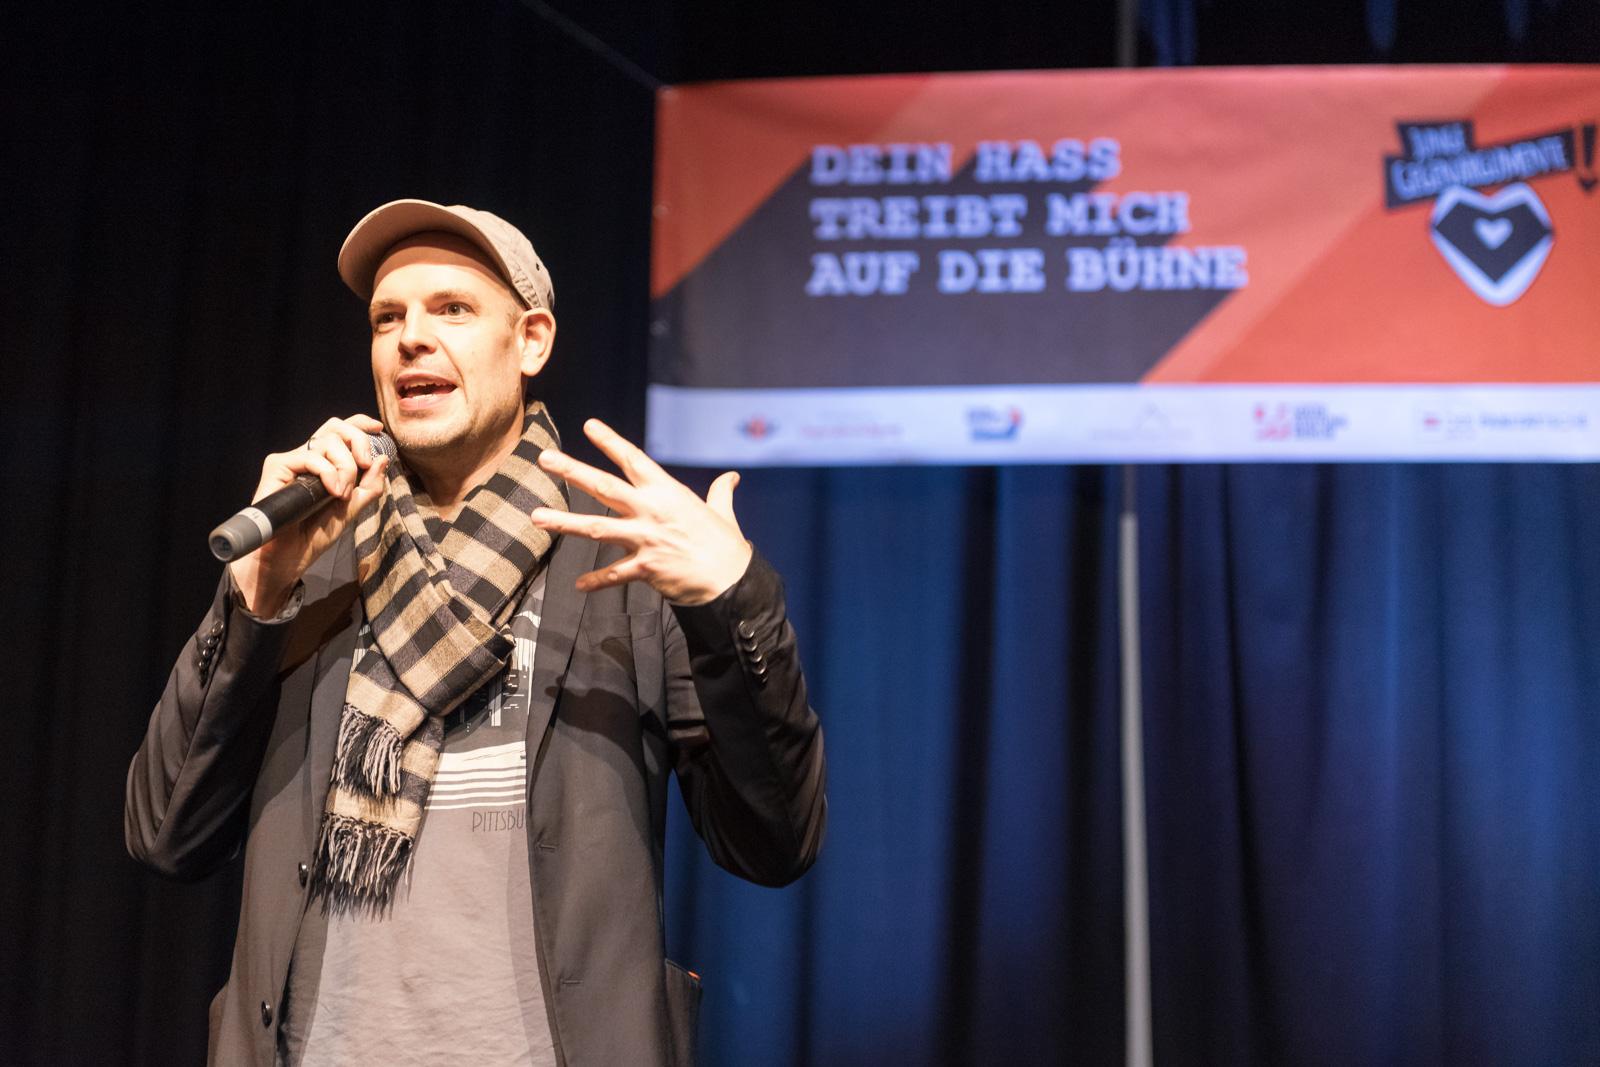 """Ein Mann steht auf einer Bühne. Er hat ein Mikrophone in der Hand und spricht. Im Hintergrund hängt ein Plakat auf dem steht: """"Dein Hass treibt mich auf die Bühne."""""""